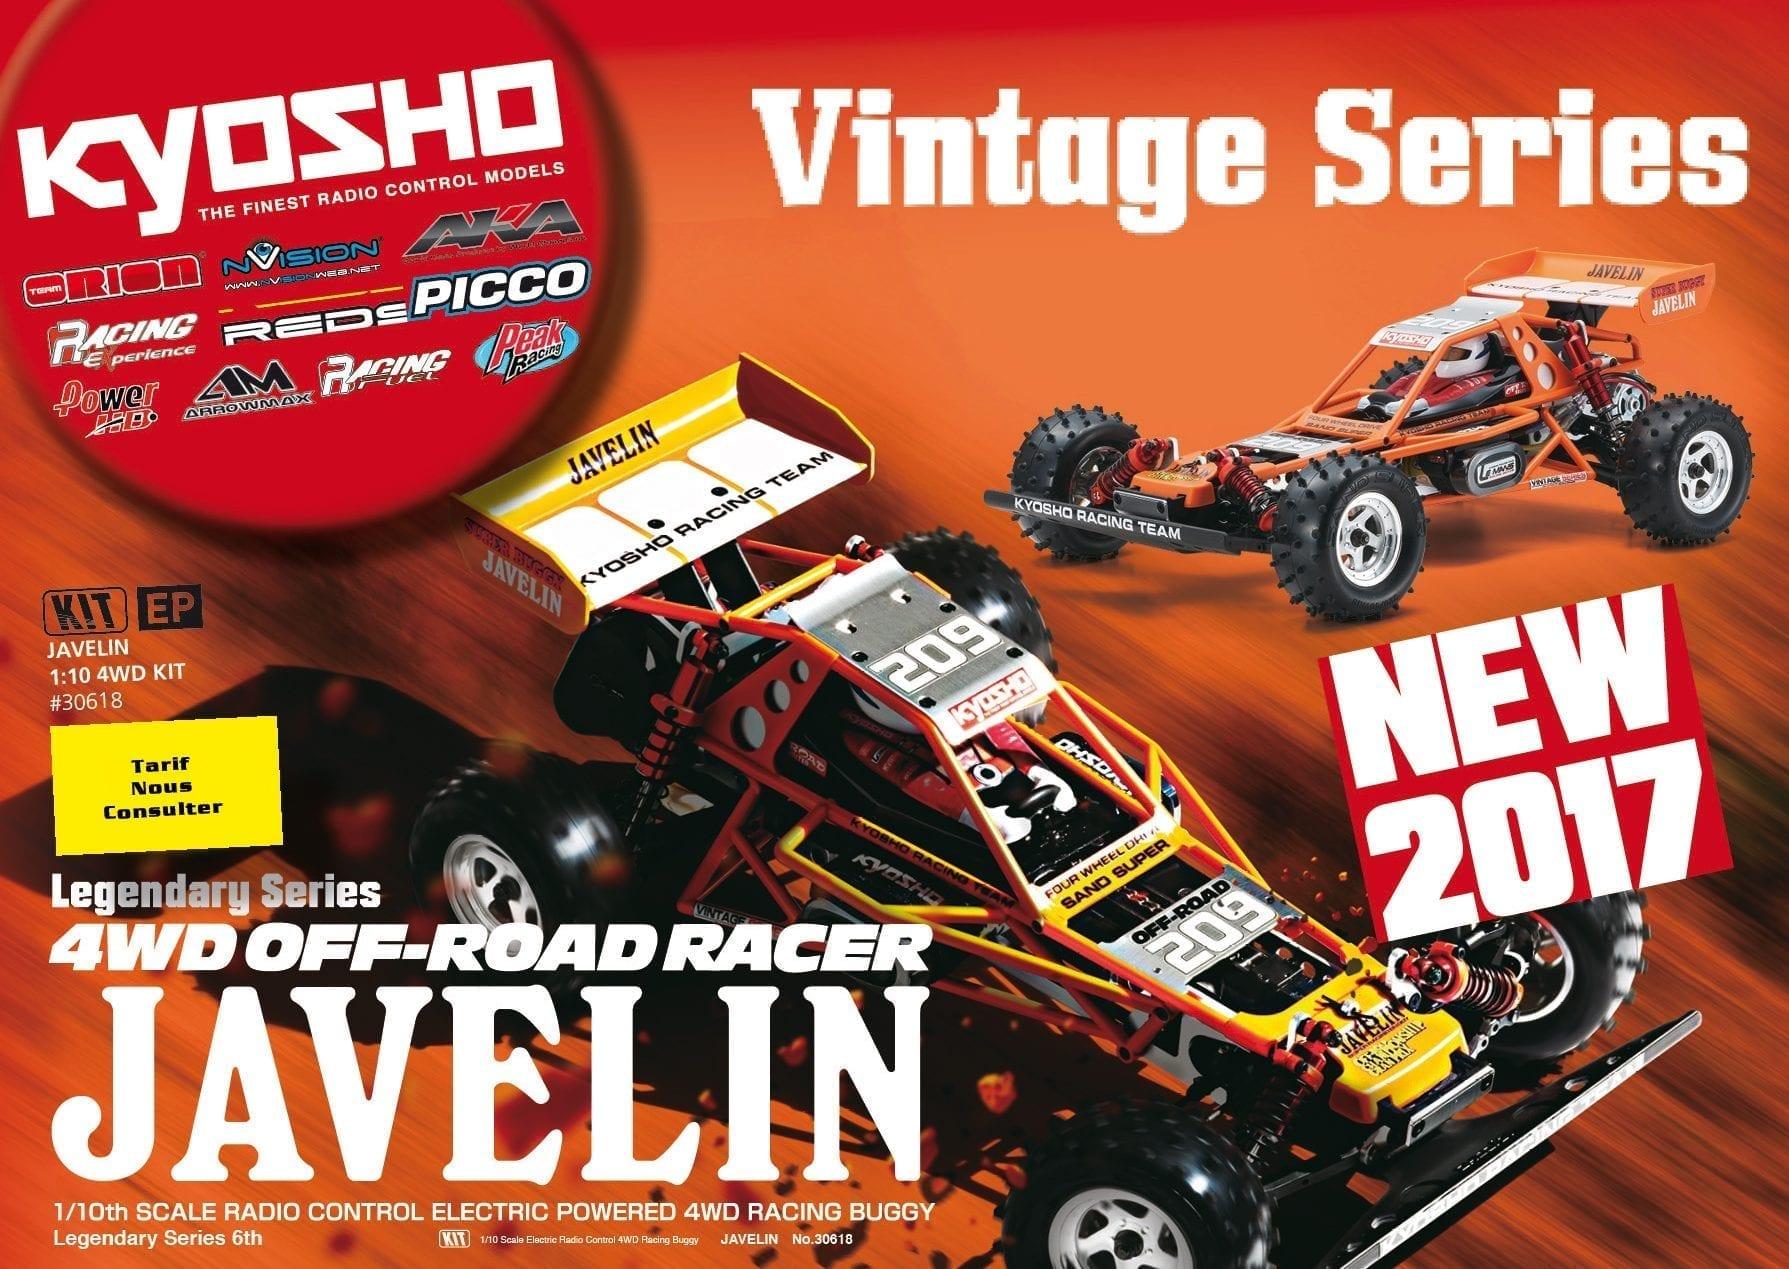 5 voitures vintage Kyosho !